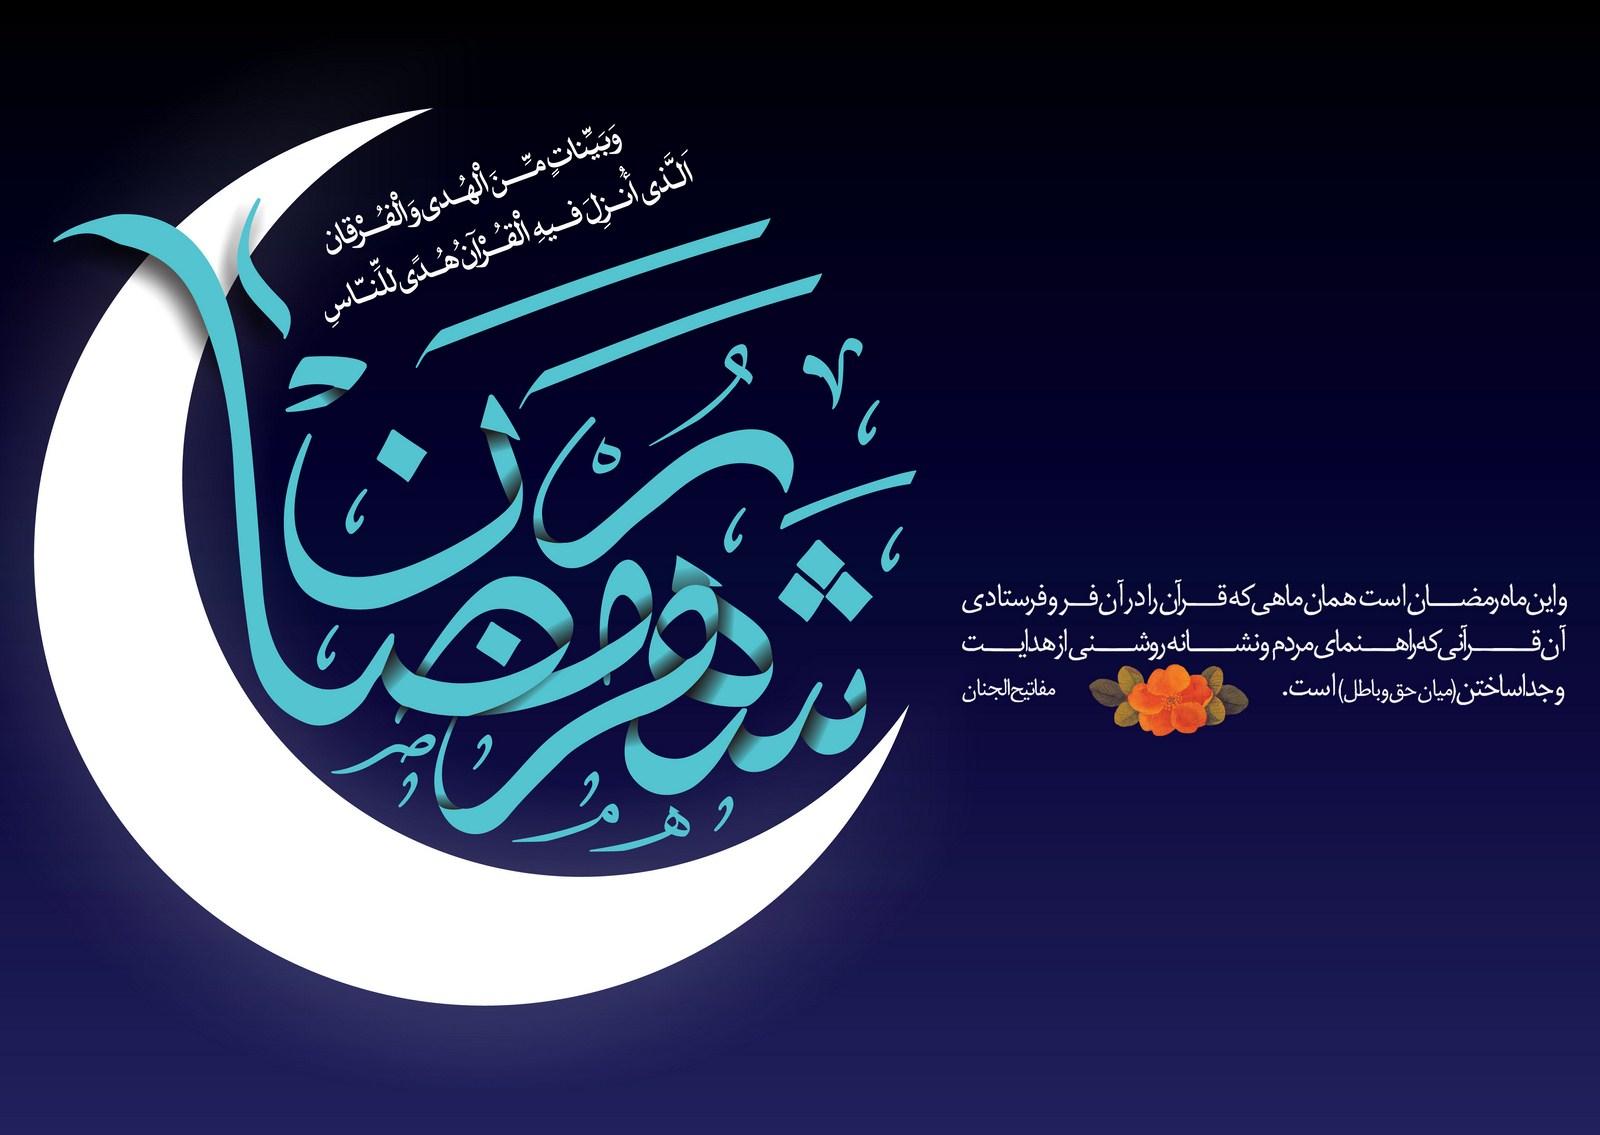 مراقبات ماه مبارك رمضان - قسمت اول